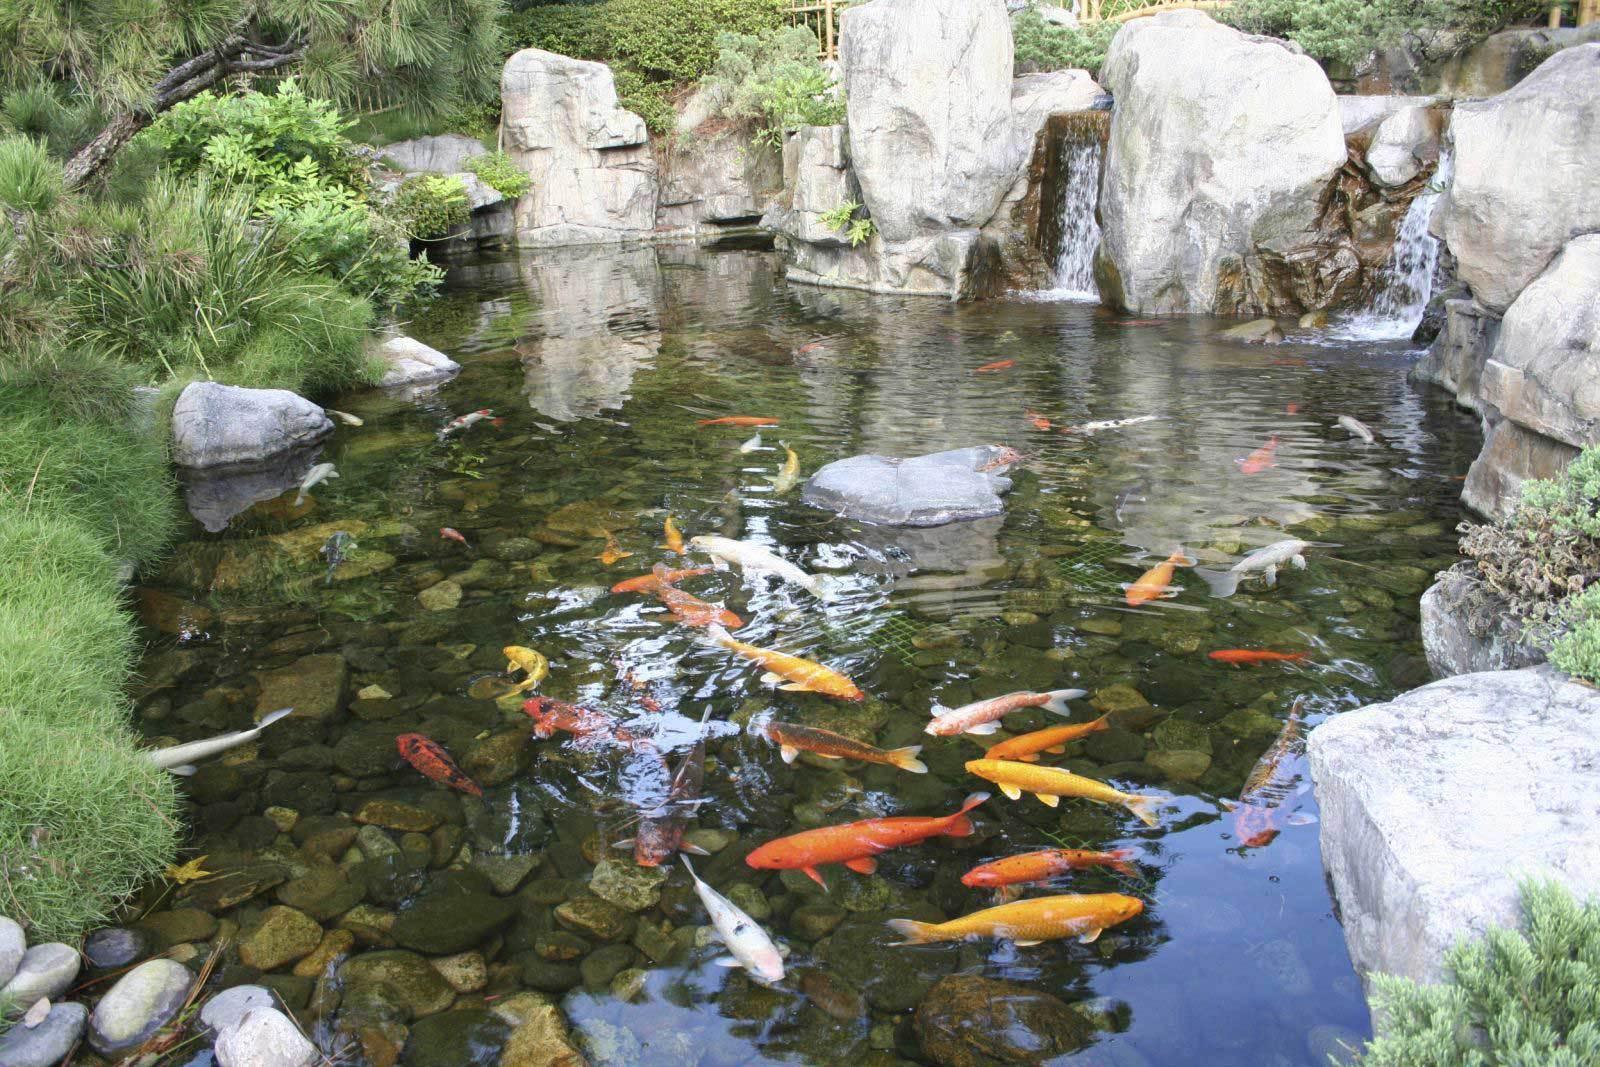 Пруд свободных очертаний занимает значительное пространство и предпочтителен для сада большого размера. Такой садовый водоем рассчитан на длительное функционирование и не требует особого ухода.